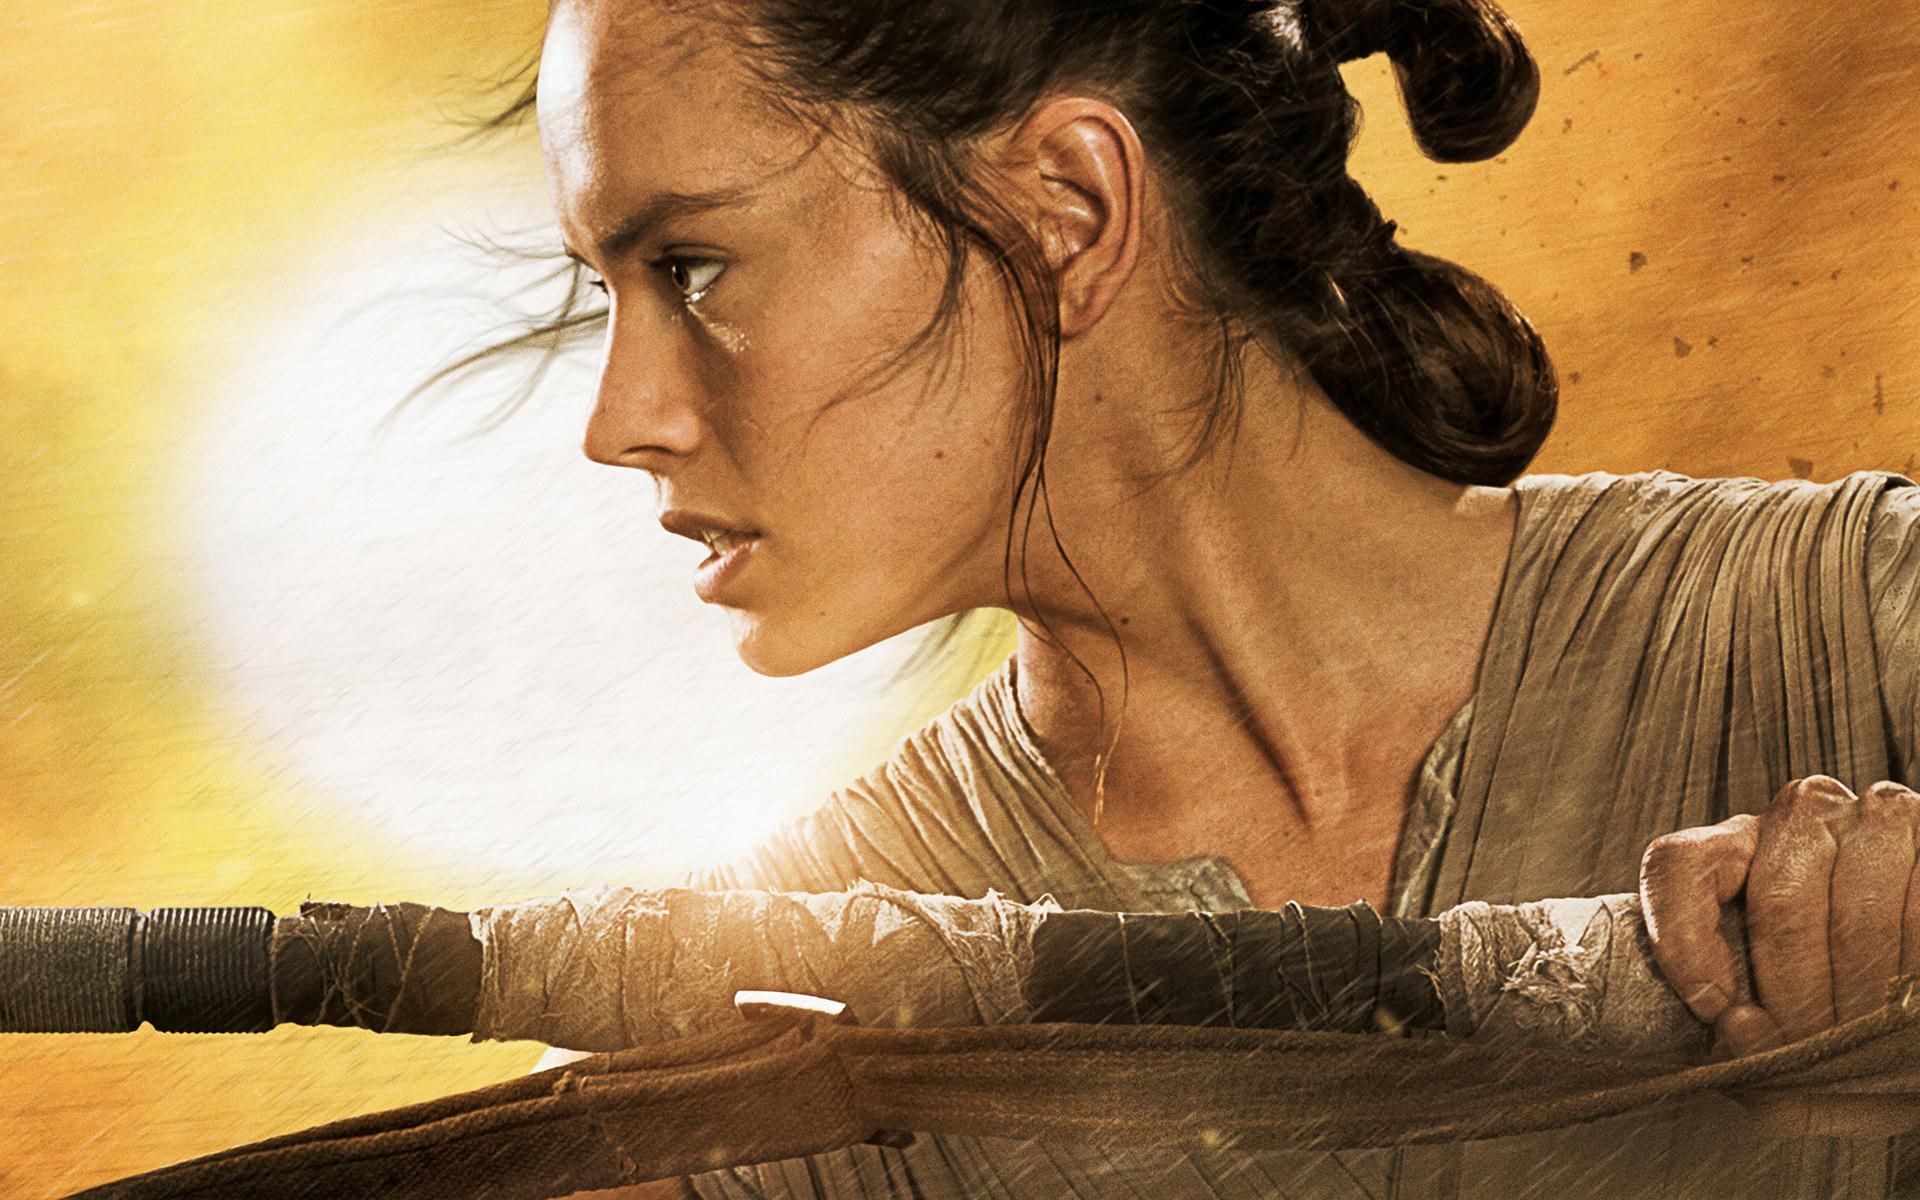 Kết quả hình ảnh cho The Force Awakens wallpaper Rey